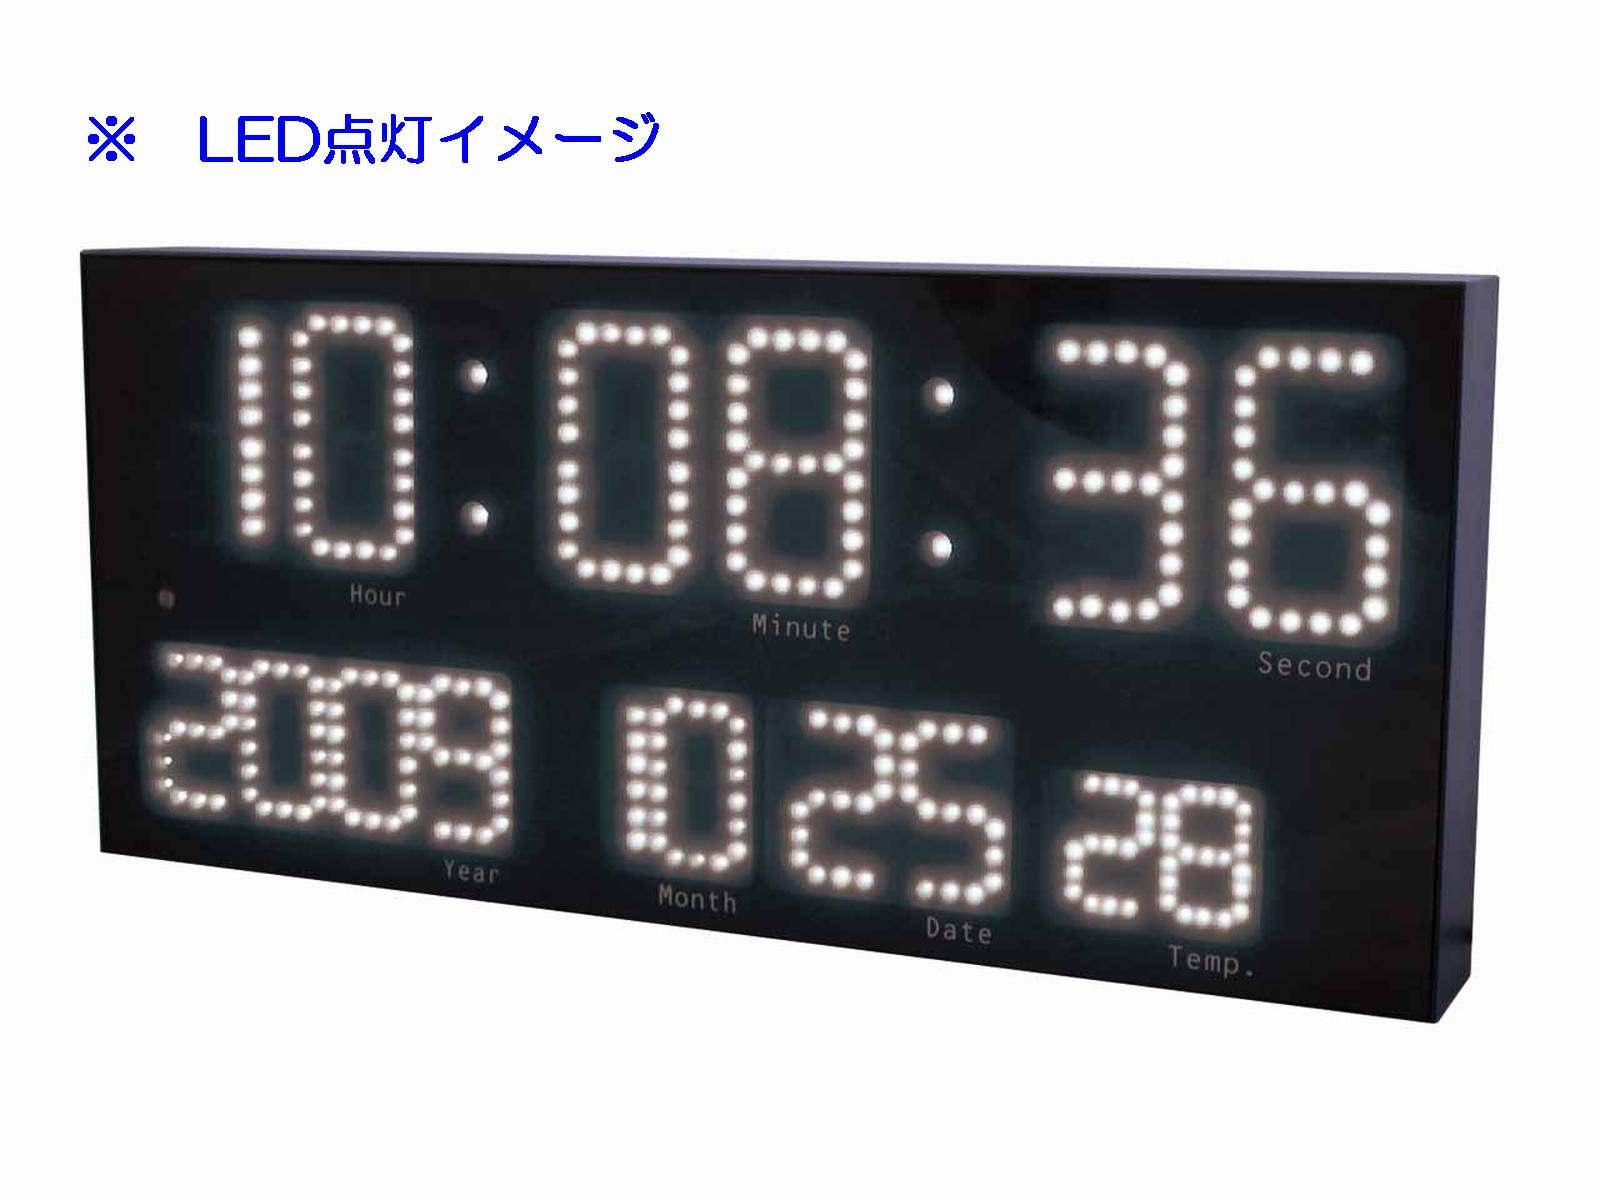 【セール】 ホワイトLEDアクラート ホワイト, ふくしかく:f37cf10c --- business.personalco5.dominiotemporario.com